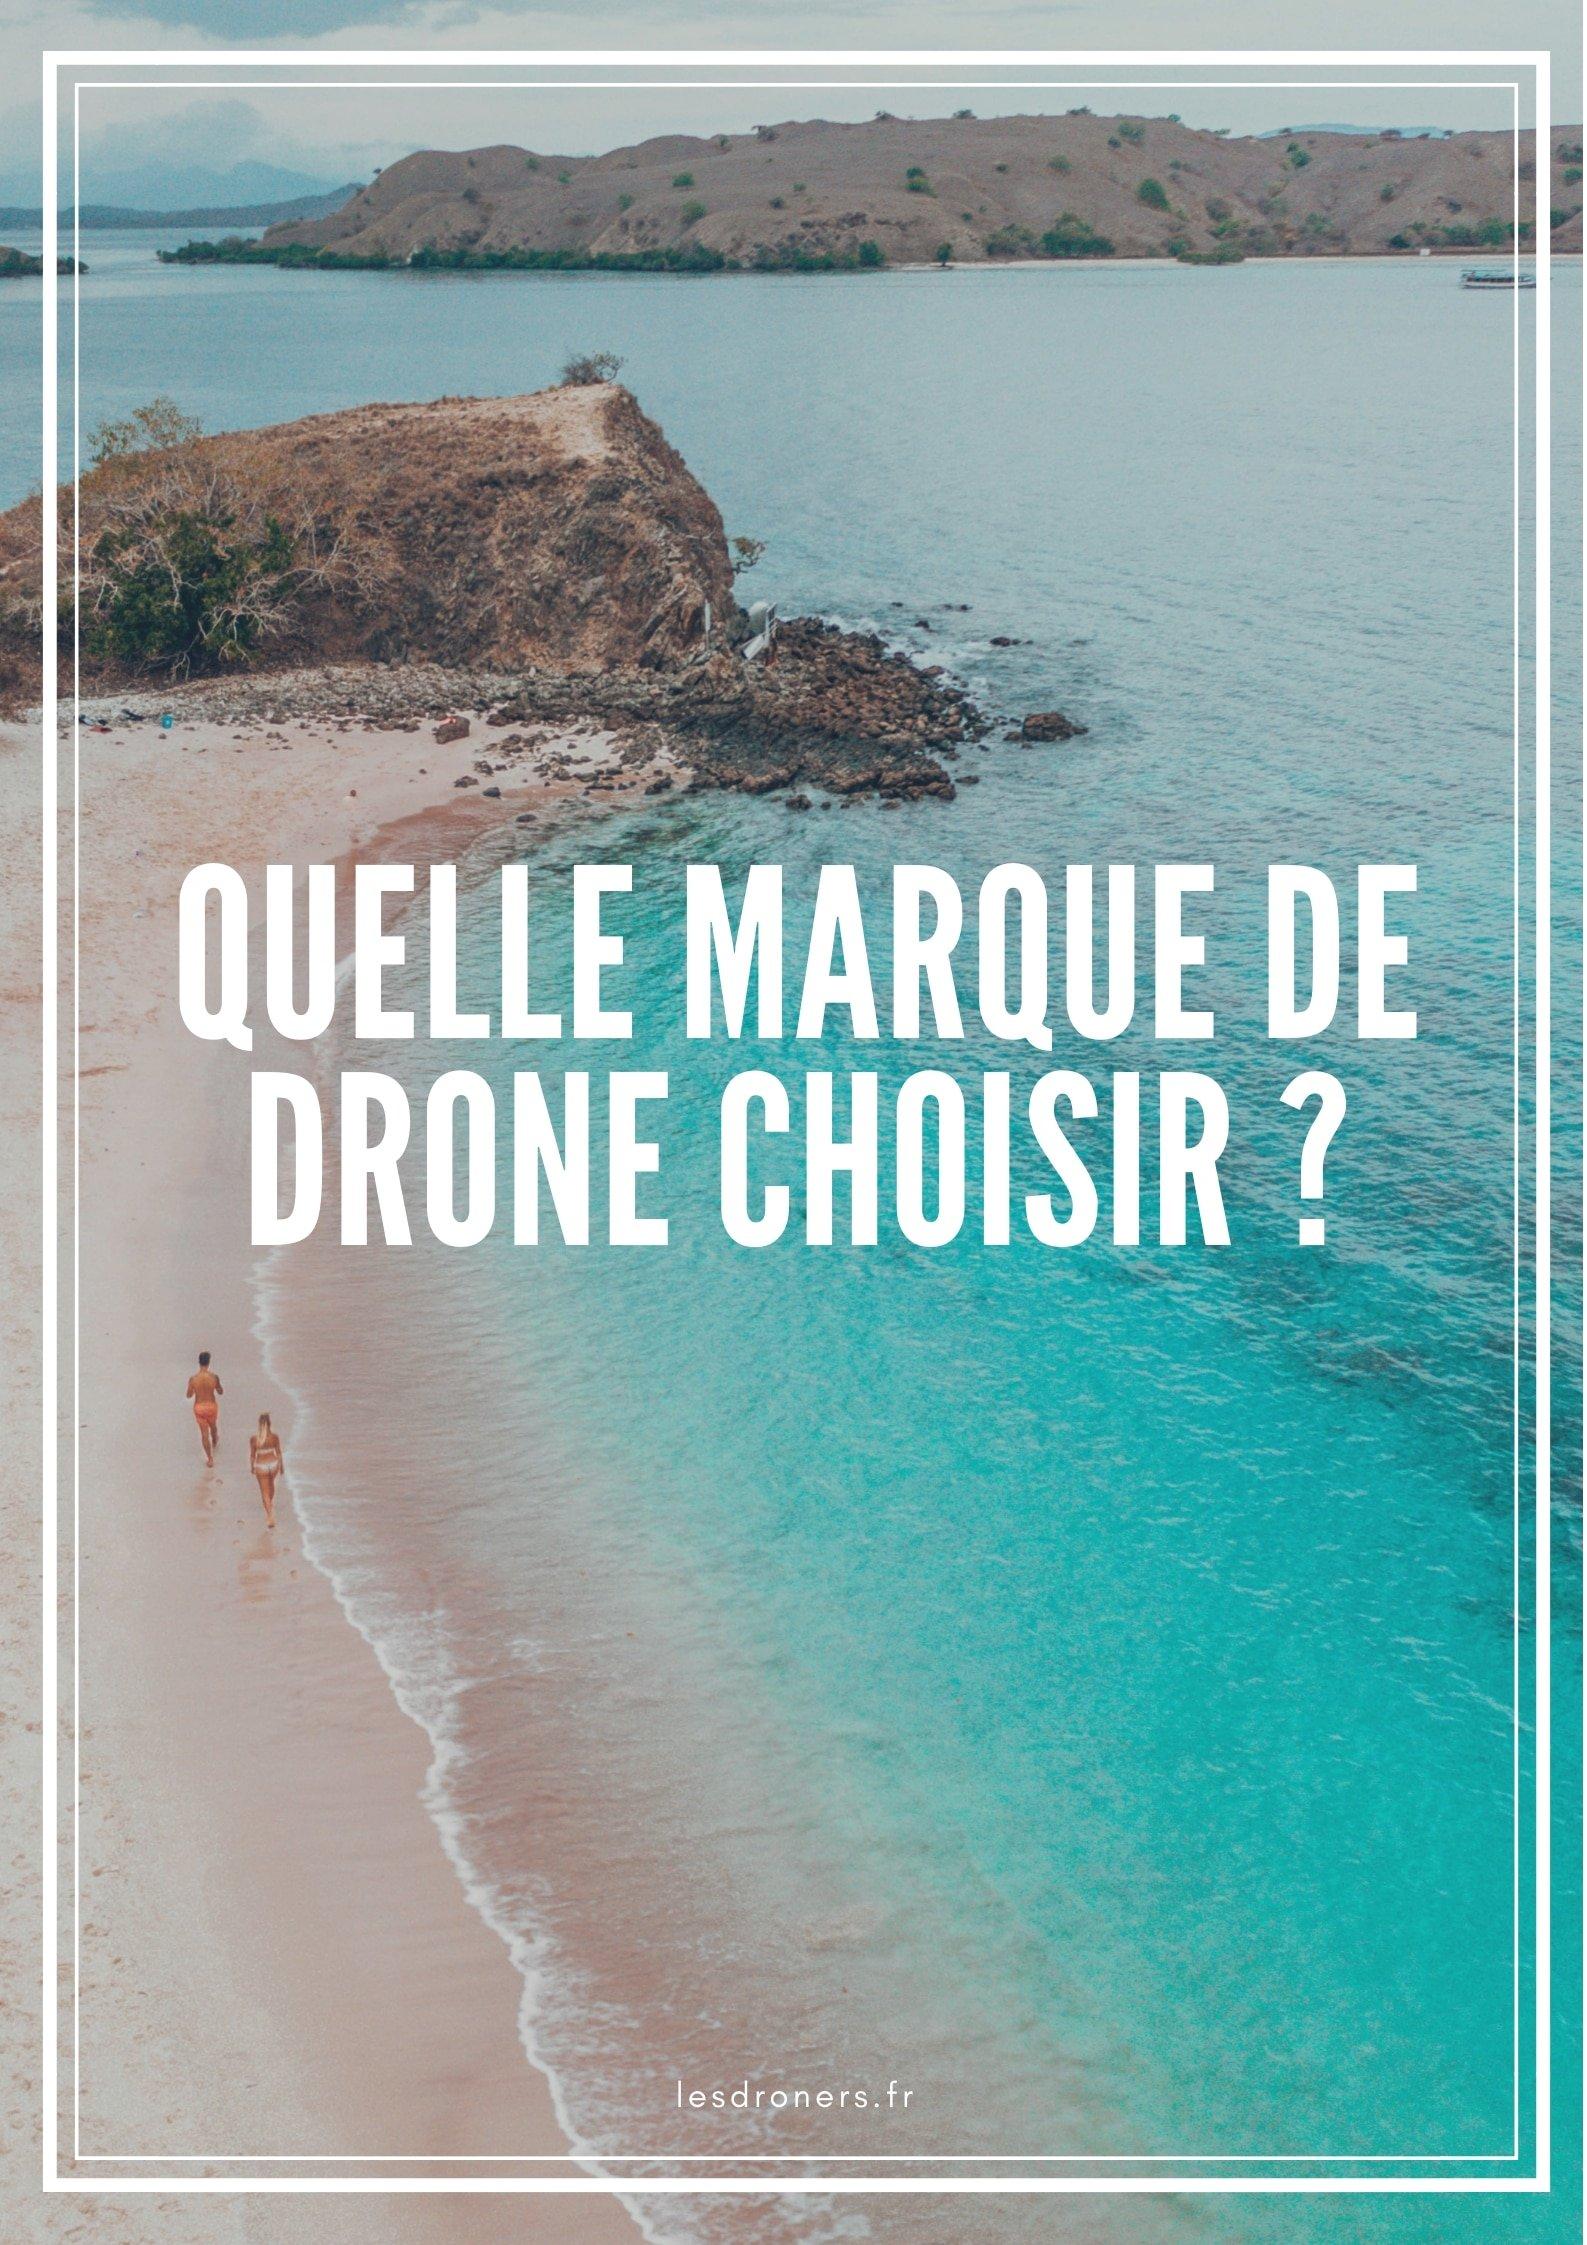 Quel drone choisir 002